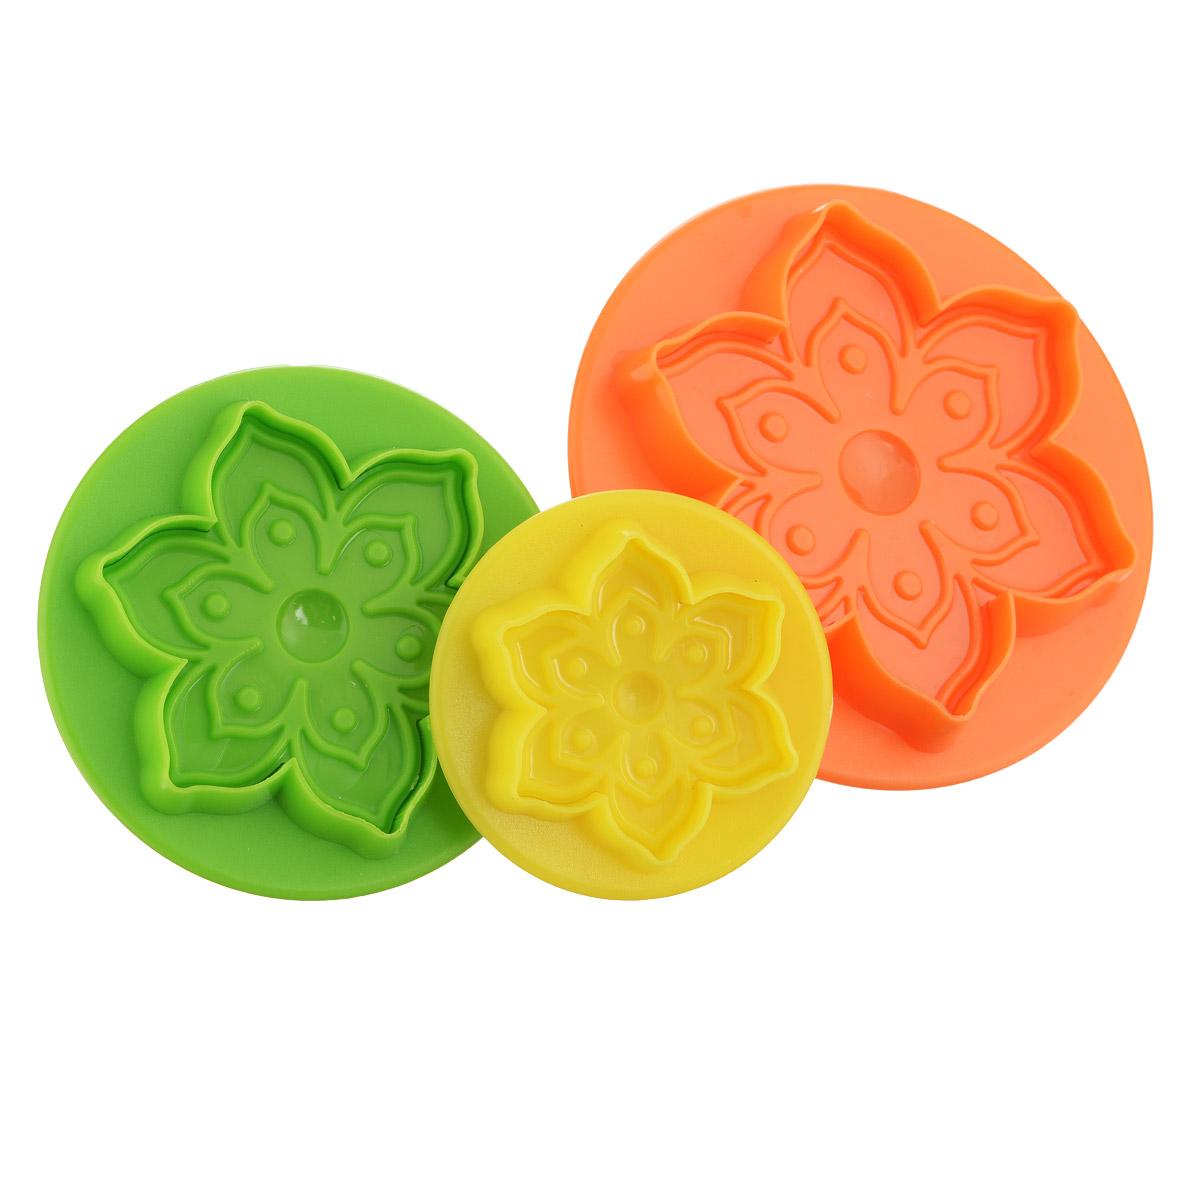 Набор форм для печенья Mayer & Boch Цветок, цвет: зеленый, оранжевый, желтый, 3 шт68/5/2Набор Mayer & Boch Цветок состоит из трех формочек, выполненных из разноцветного пластика. Изделия имеют форму цветов, оснащены удобными ручками. Раскатайте тесто, возьмите форму, надавите ею на тесто (как будто ставите печать) и у вас получится красивая вырезка в виде цветочка. Такой набор формочек позволит приготовить печенье по вашему любимому рецепту, но в необычном оформлении, которое обязательно придется по душе и детям, и взрослым.Диаметр форм: 8 см, 7 см, 5 см.